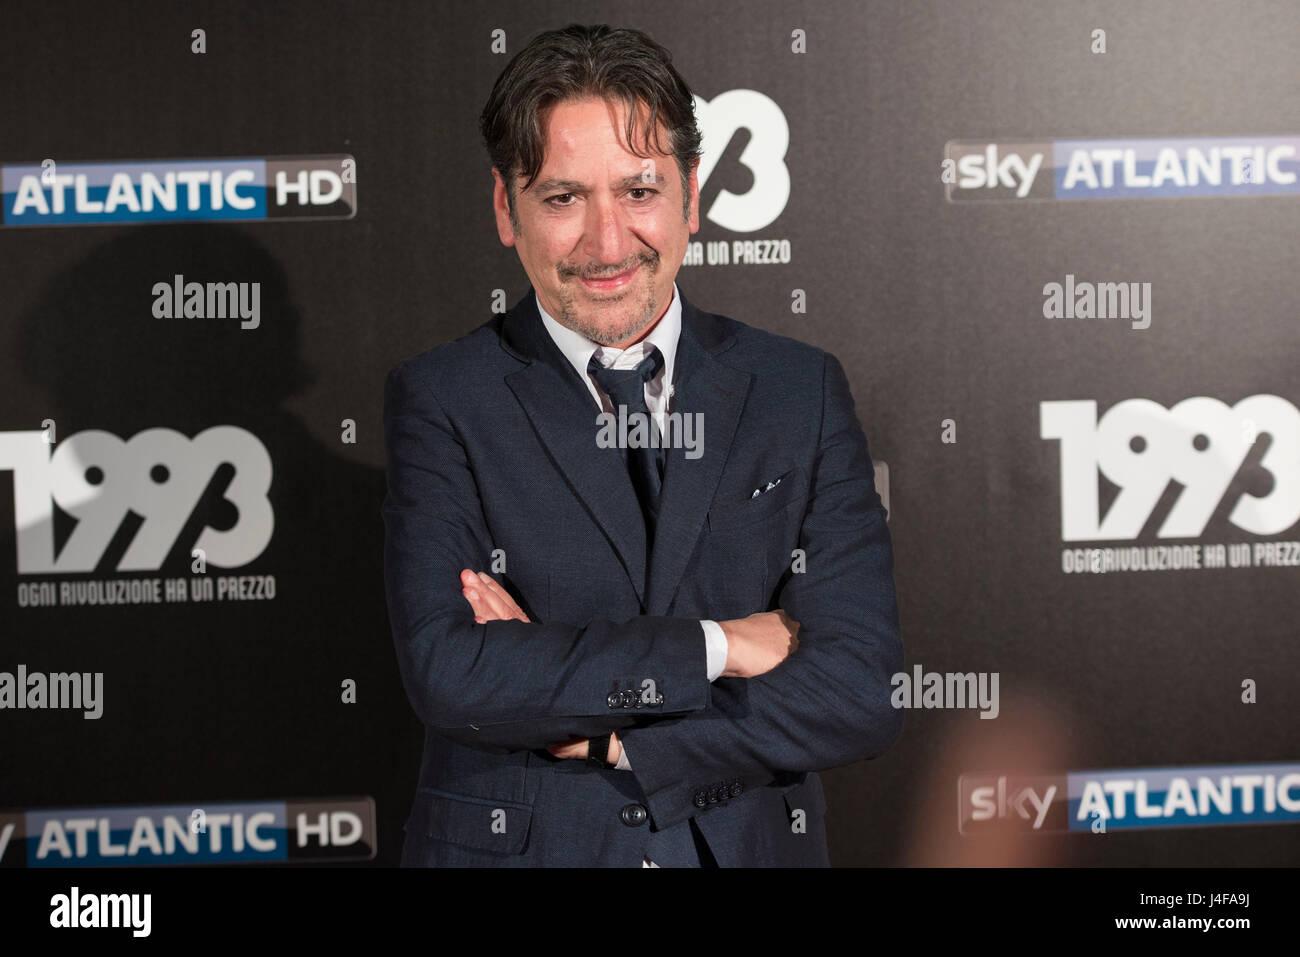 Fabrizio Contri sul redcarpet presso il cinema Odeon di Milano per ...